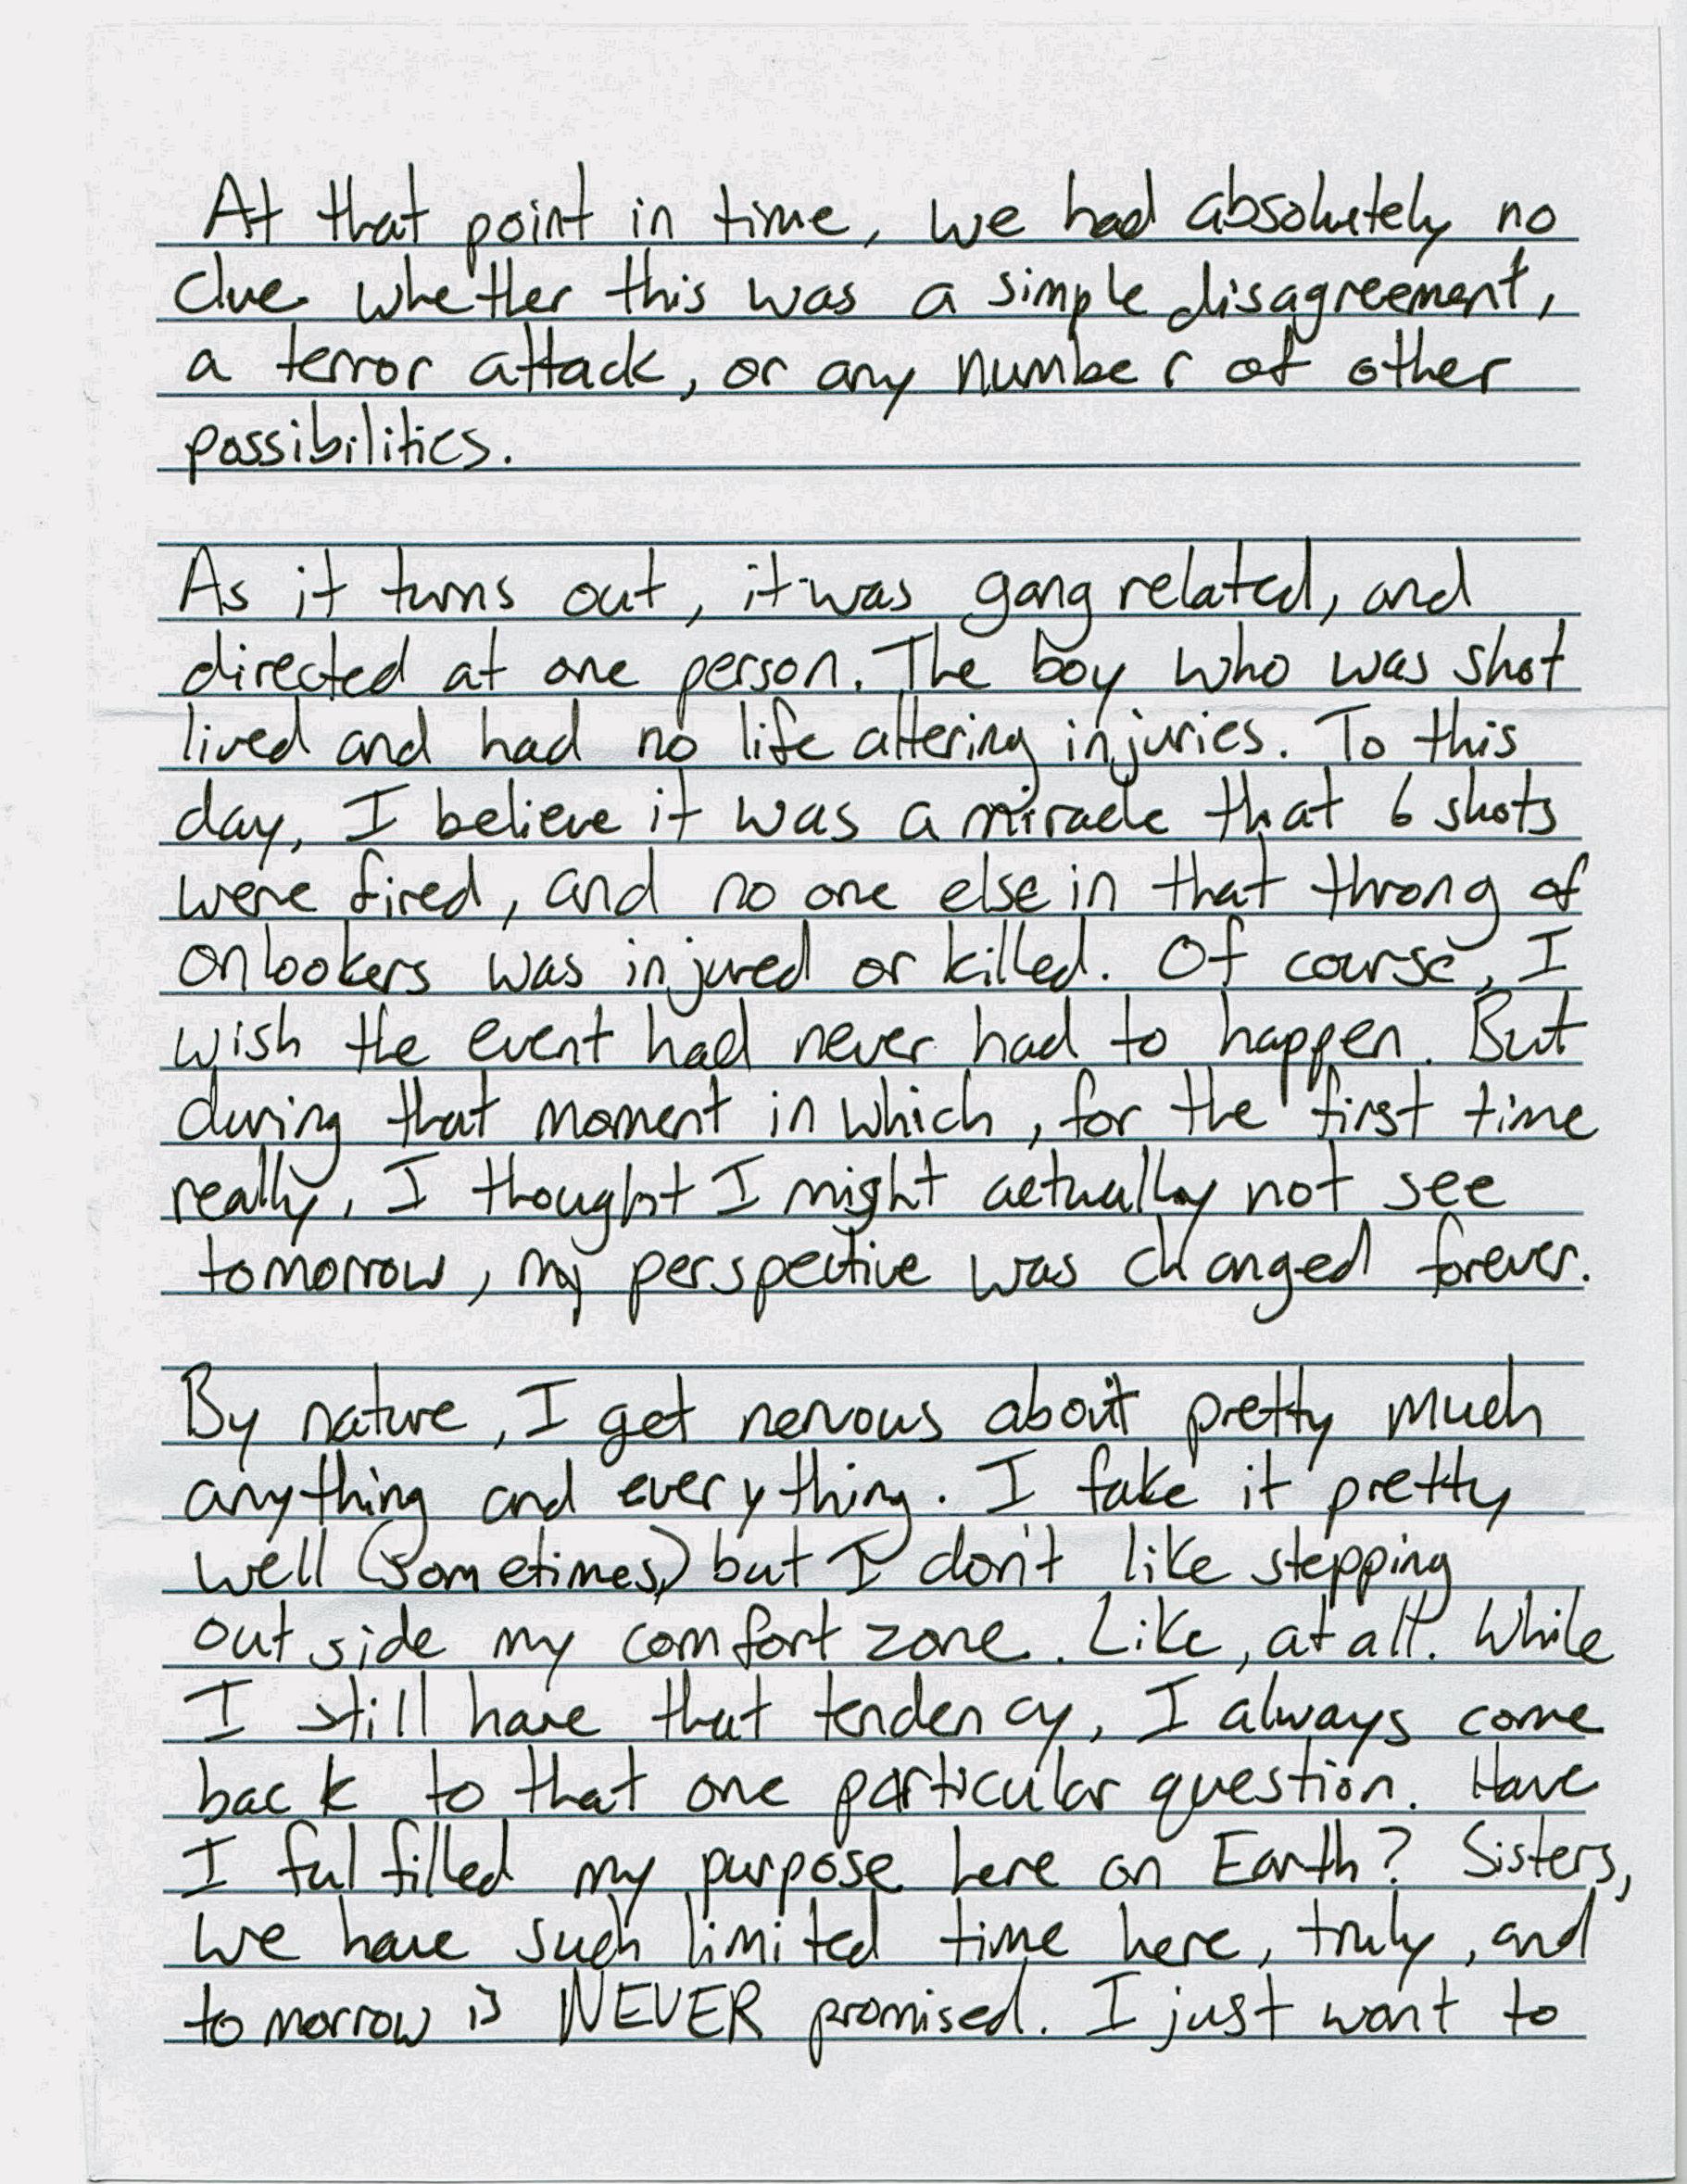 letters-to-women-9.jpg